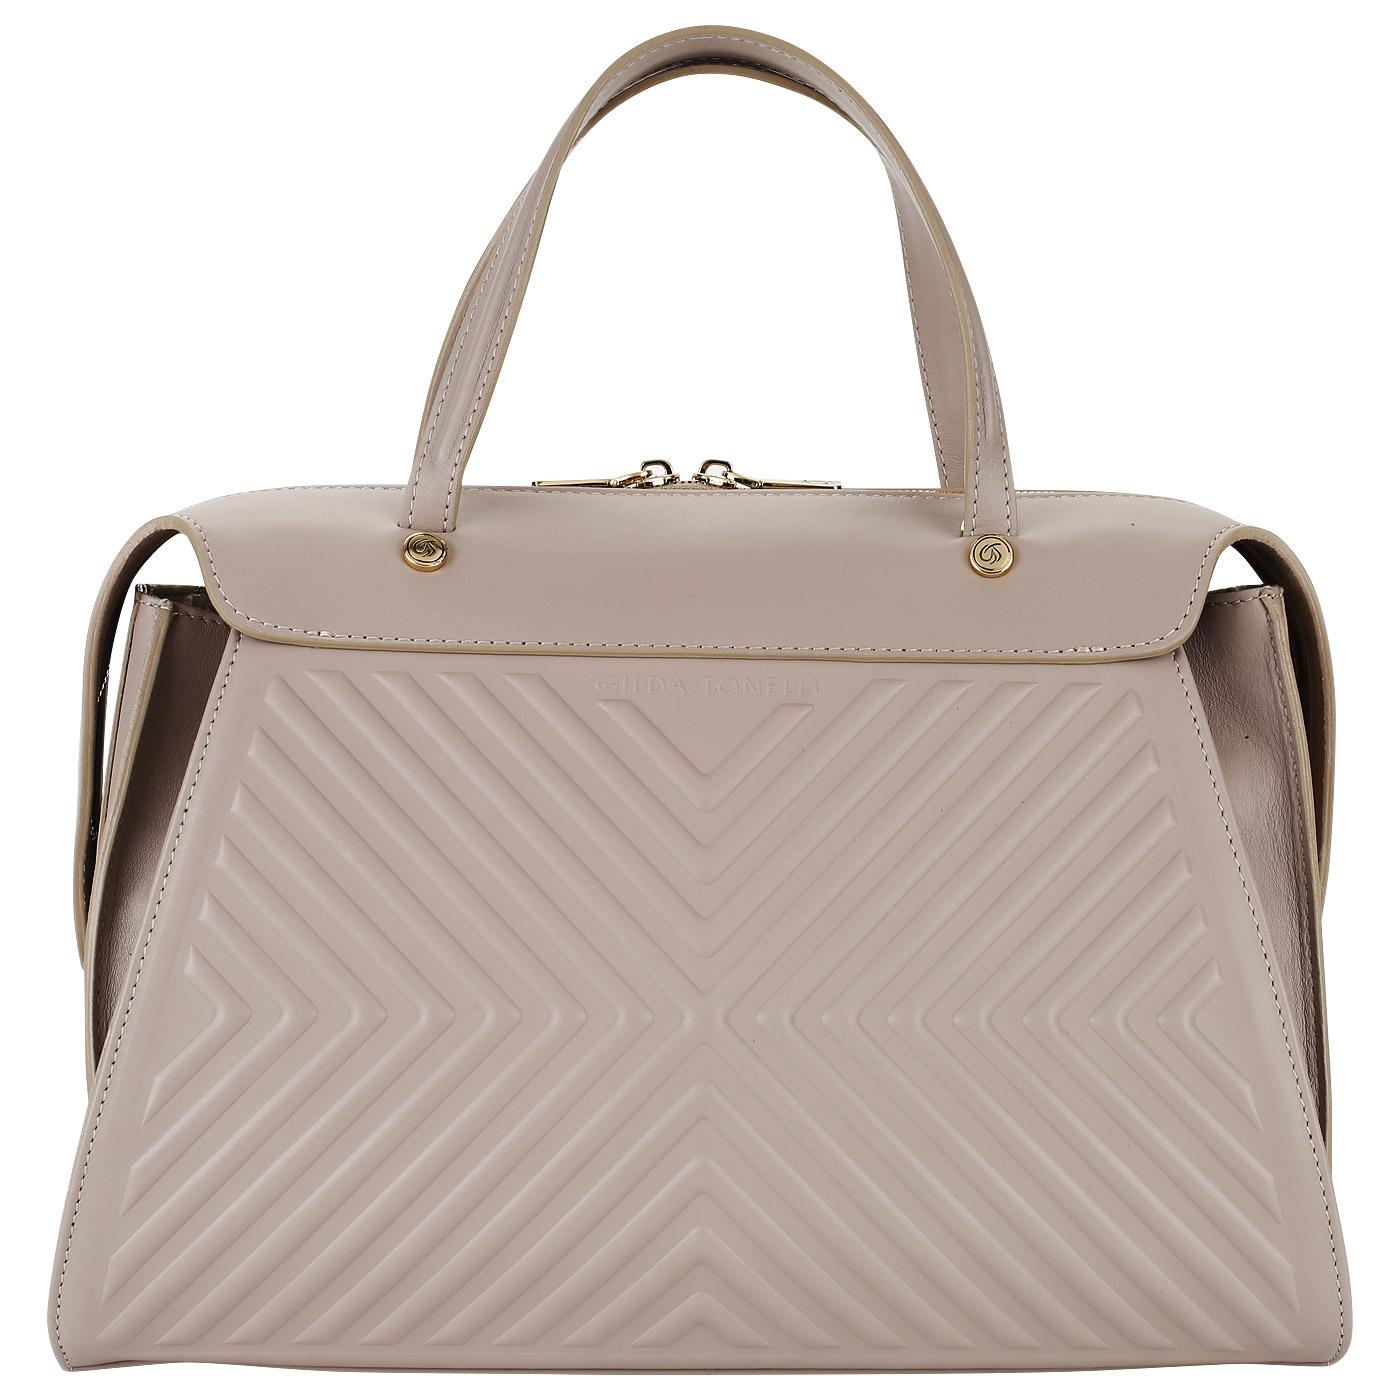 2213afa2d754 Женская сумка из натуральной кожи со съемным ремешком Gilda Tonelli Tresor